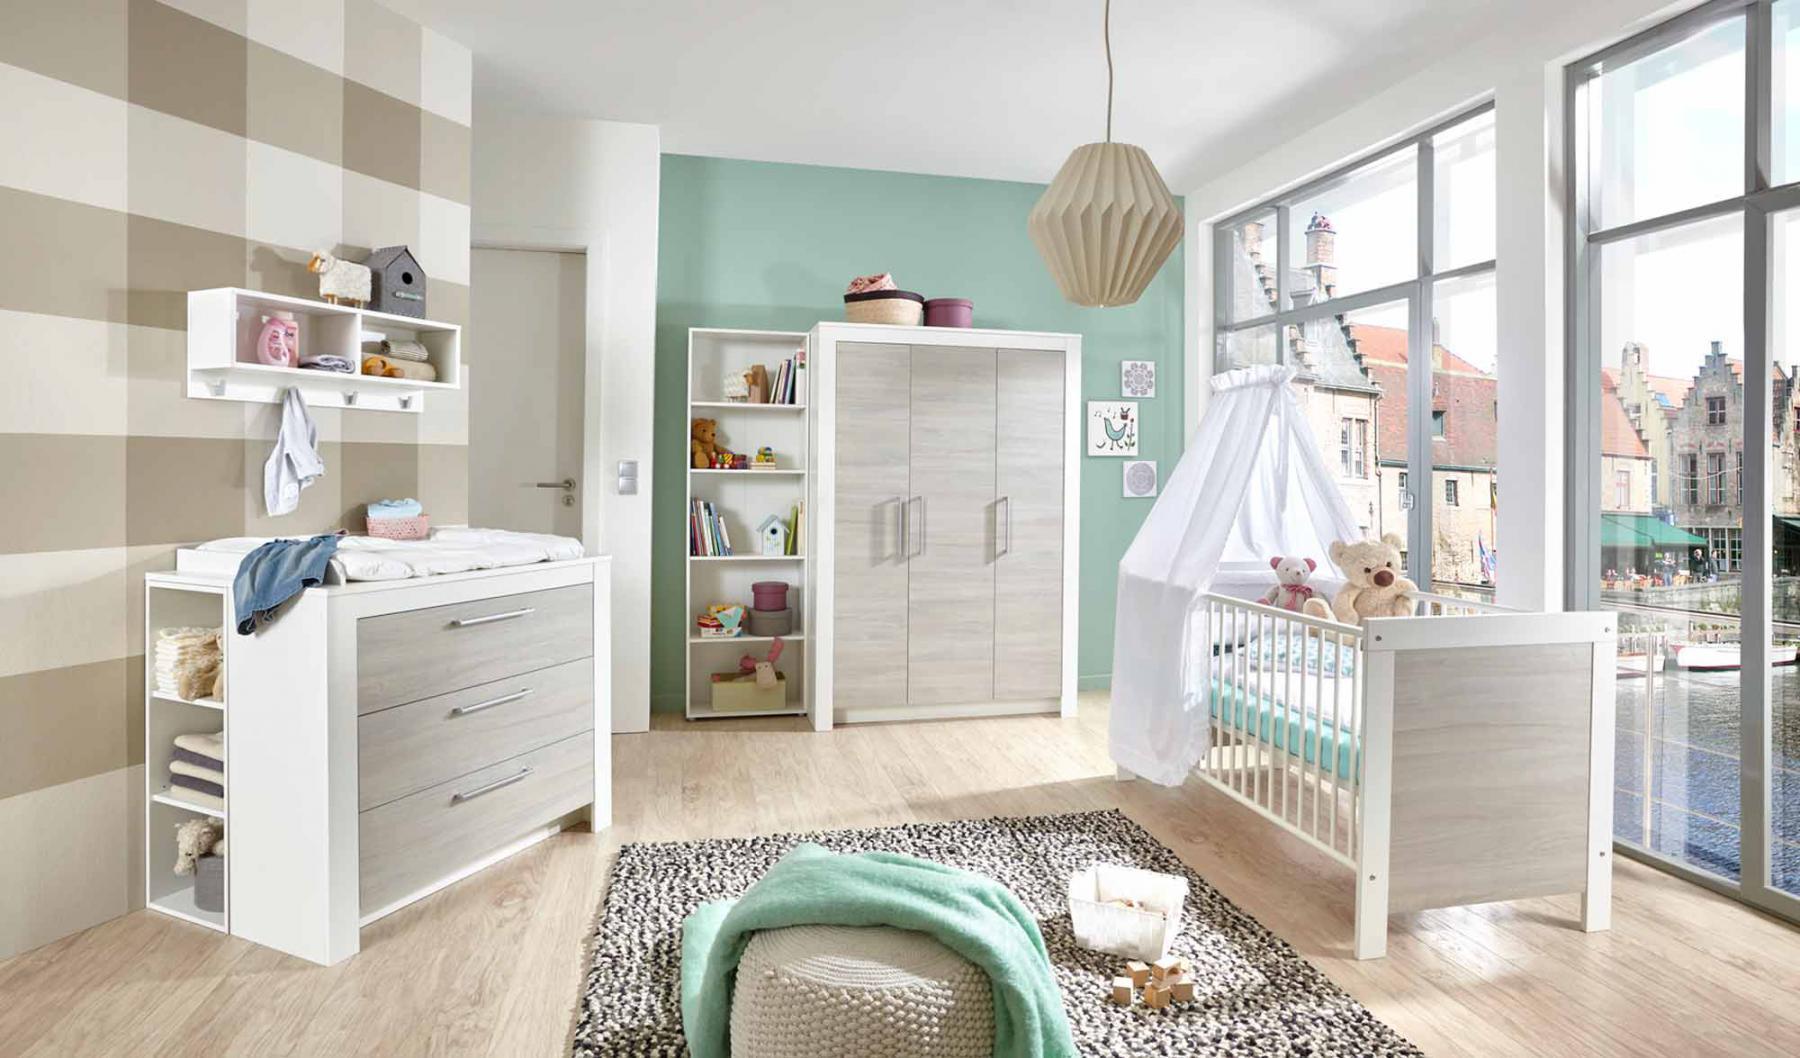 Kinderzimmer In Grau Frisch On Andere Bezug Auf Babyzimmer Weiß Silber Ulme Kaufen Bei 3